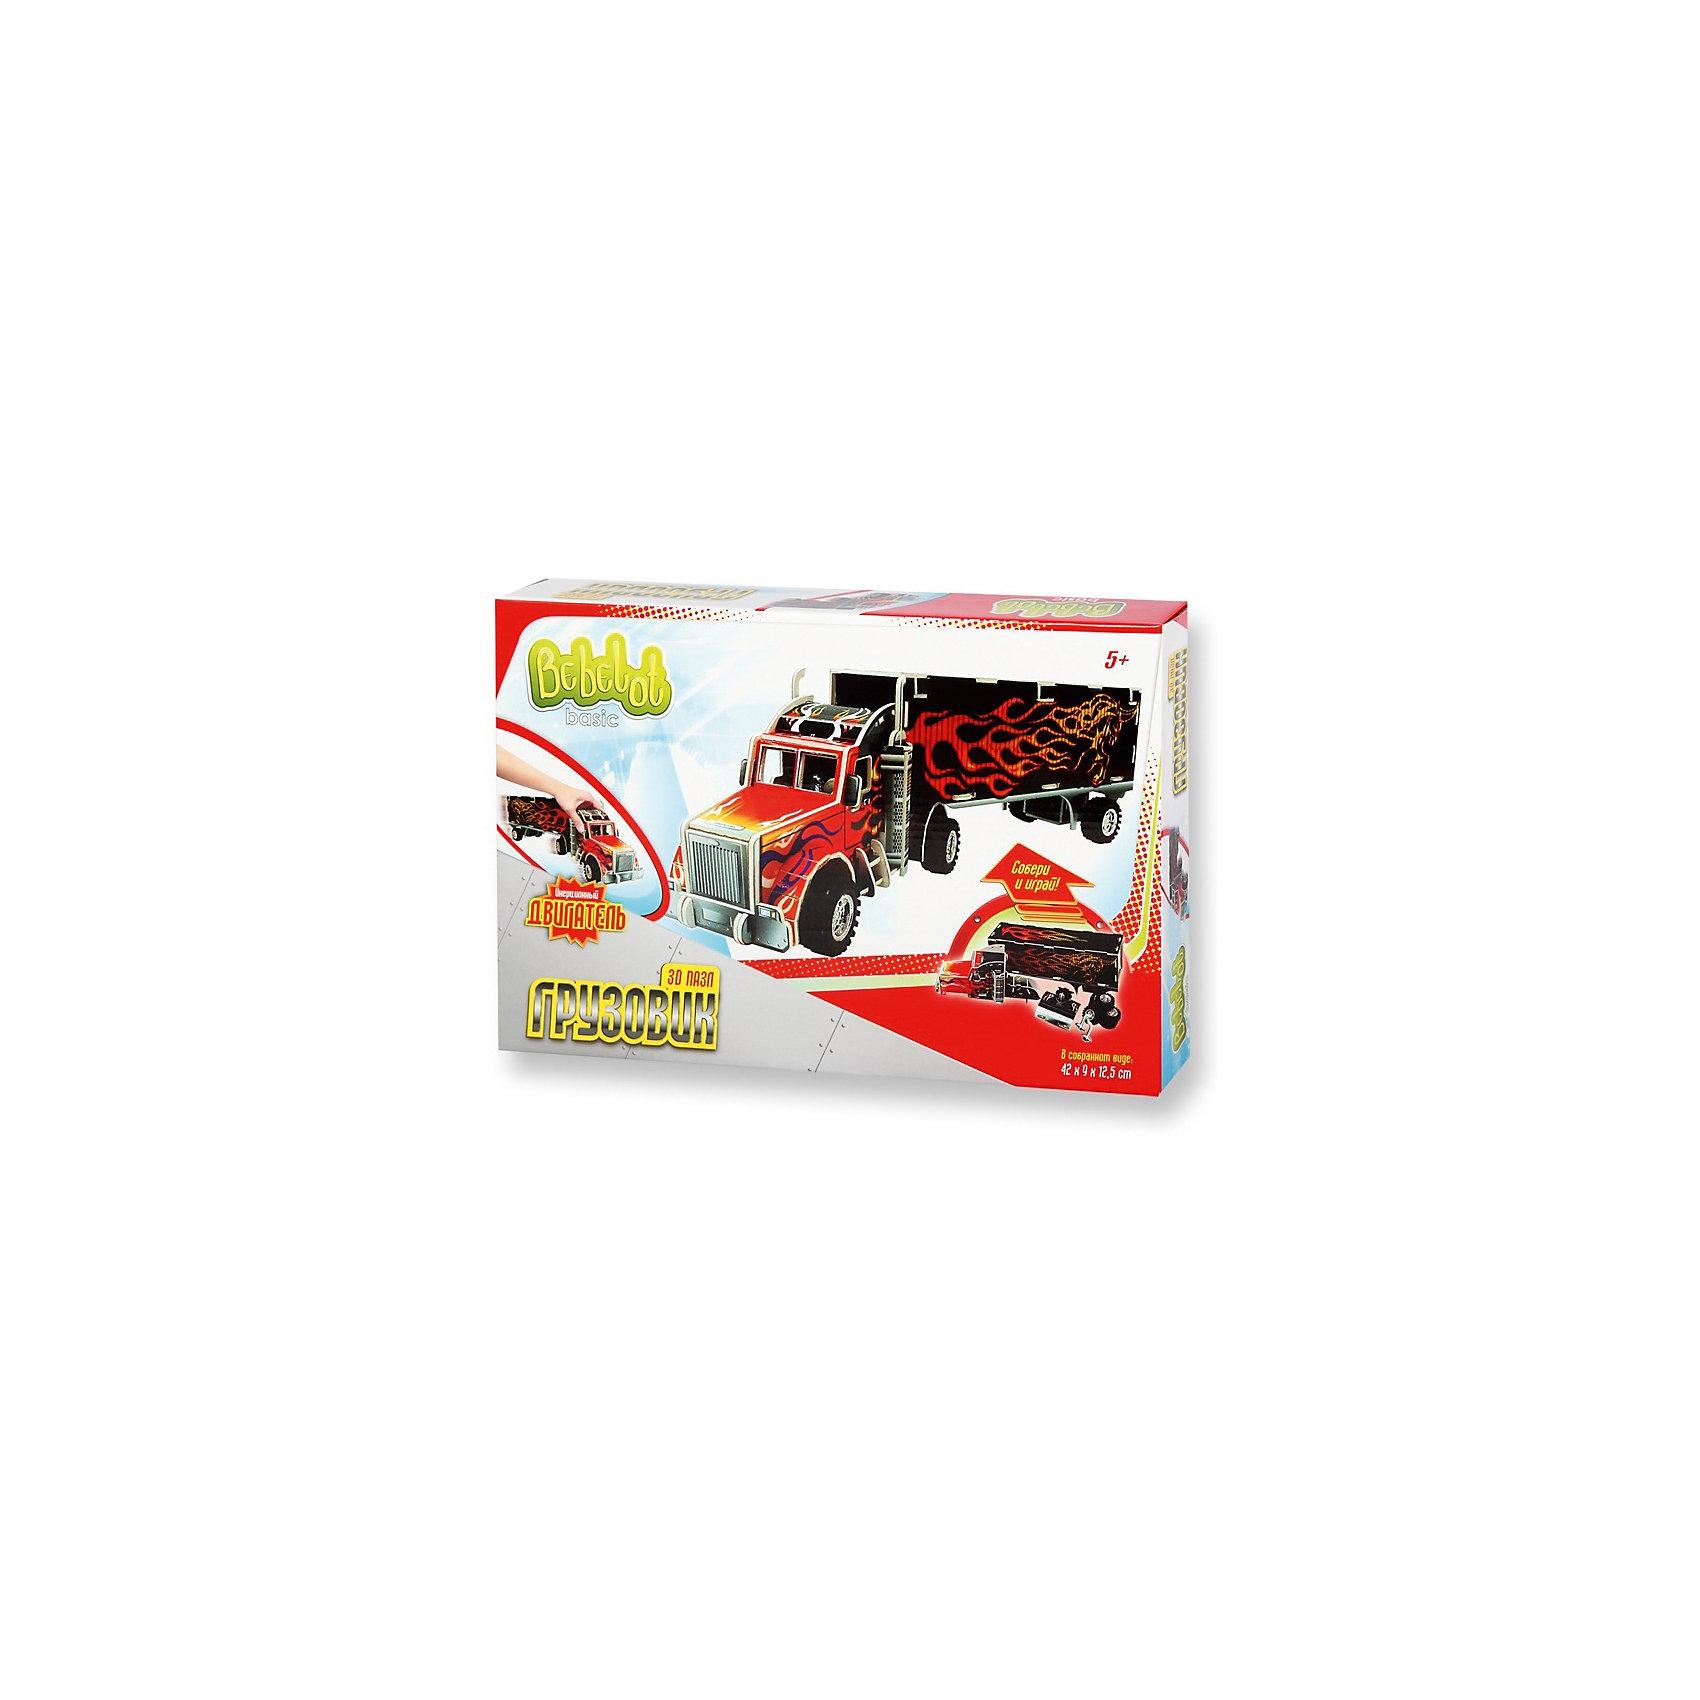 3D пазл Basic Грузовик большой, Bebelot3D пазлы<br>Характеристики товара:<br><br>• возраст от 3 лет;<br>• материал: пластик, картон, металл;<br>• в наборе: 4 листа пенокартона, 6 колес, 3 оси, двигатель, инструкция;<br>• размер машины 42х12,5х9 см;<br>• размер упаковки 33х22х5 см;<br>• вес упаковки 330 гр.;<br>• страна производитель: Китай.<br><br>3D пазл Basic «Грузовик большой» Bebelot позволит создать объемную модель грузовика. Грузовик работает от инерционного двигателя, может ездить по поверхности. С ним можно играть, как с обычной машинкой. Сборка пазла развивает у детей мышление, усидчивость, внимательность.<br><br>3D пазл Basic «Грузовик большой» Bebelot можно приобрести в нашем интернет-магазине.<br><br>Ширина мм: 330<br>Глубина мм: 220<br>Высота мм: 50<br>Вес г: 330<br>Возраст от месяцев: 36<br>Возраст до месяцев: 72<br>Пол: Мужской<br>Возраст: Детский<br>SKU: 5581214